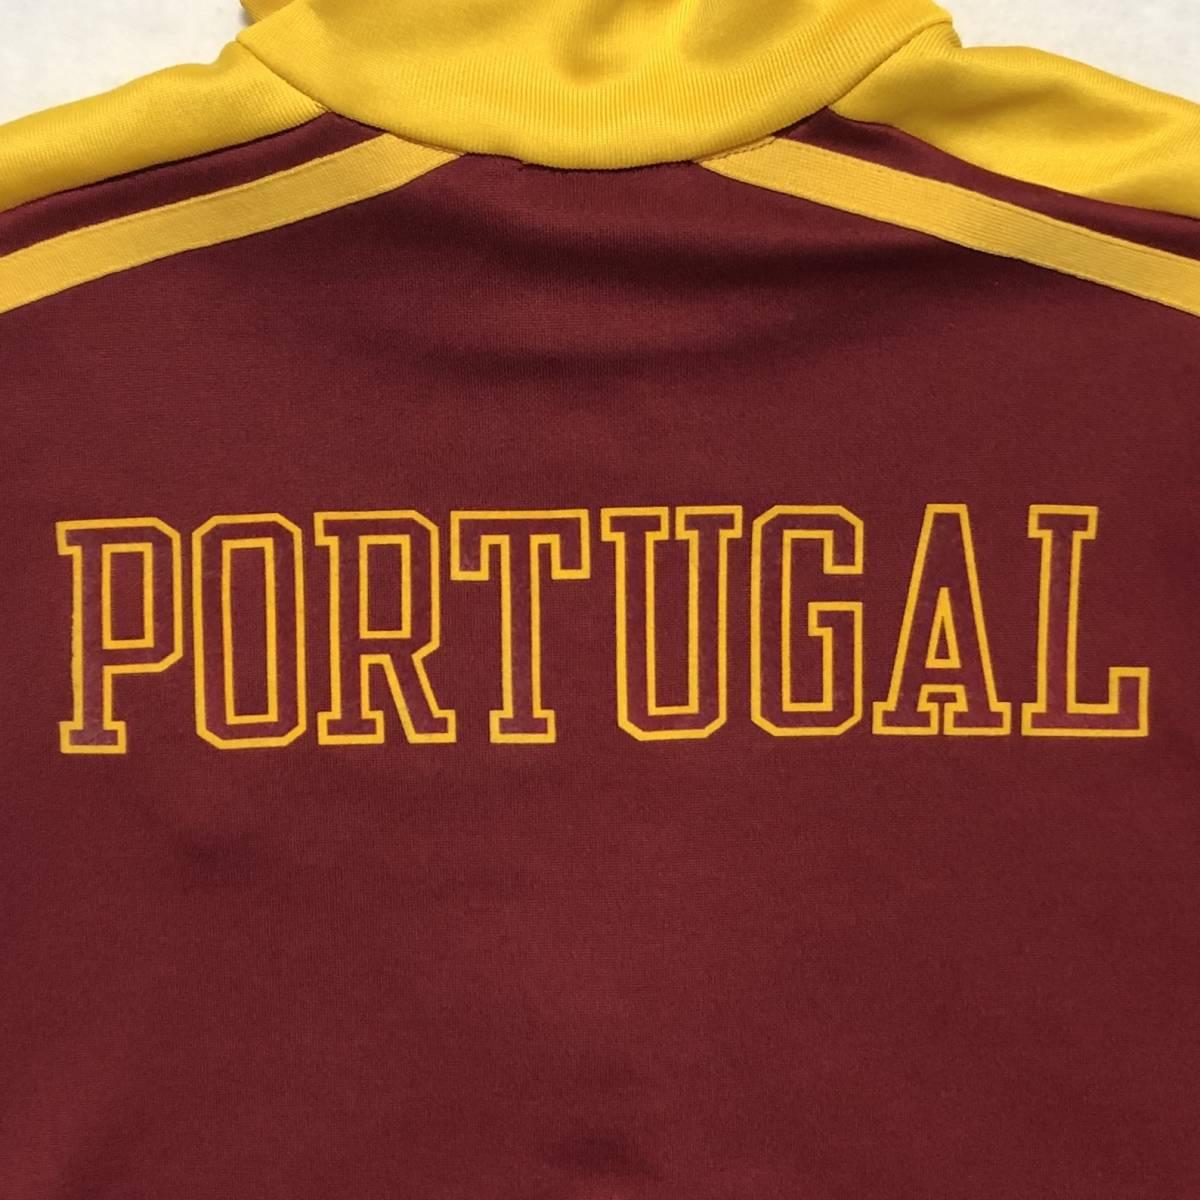 puma プーマ サッカー ポルトガル 代表 ジャージ M 美品 管理C469